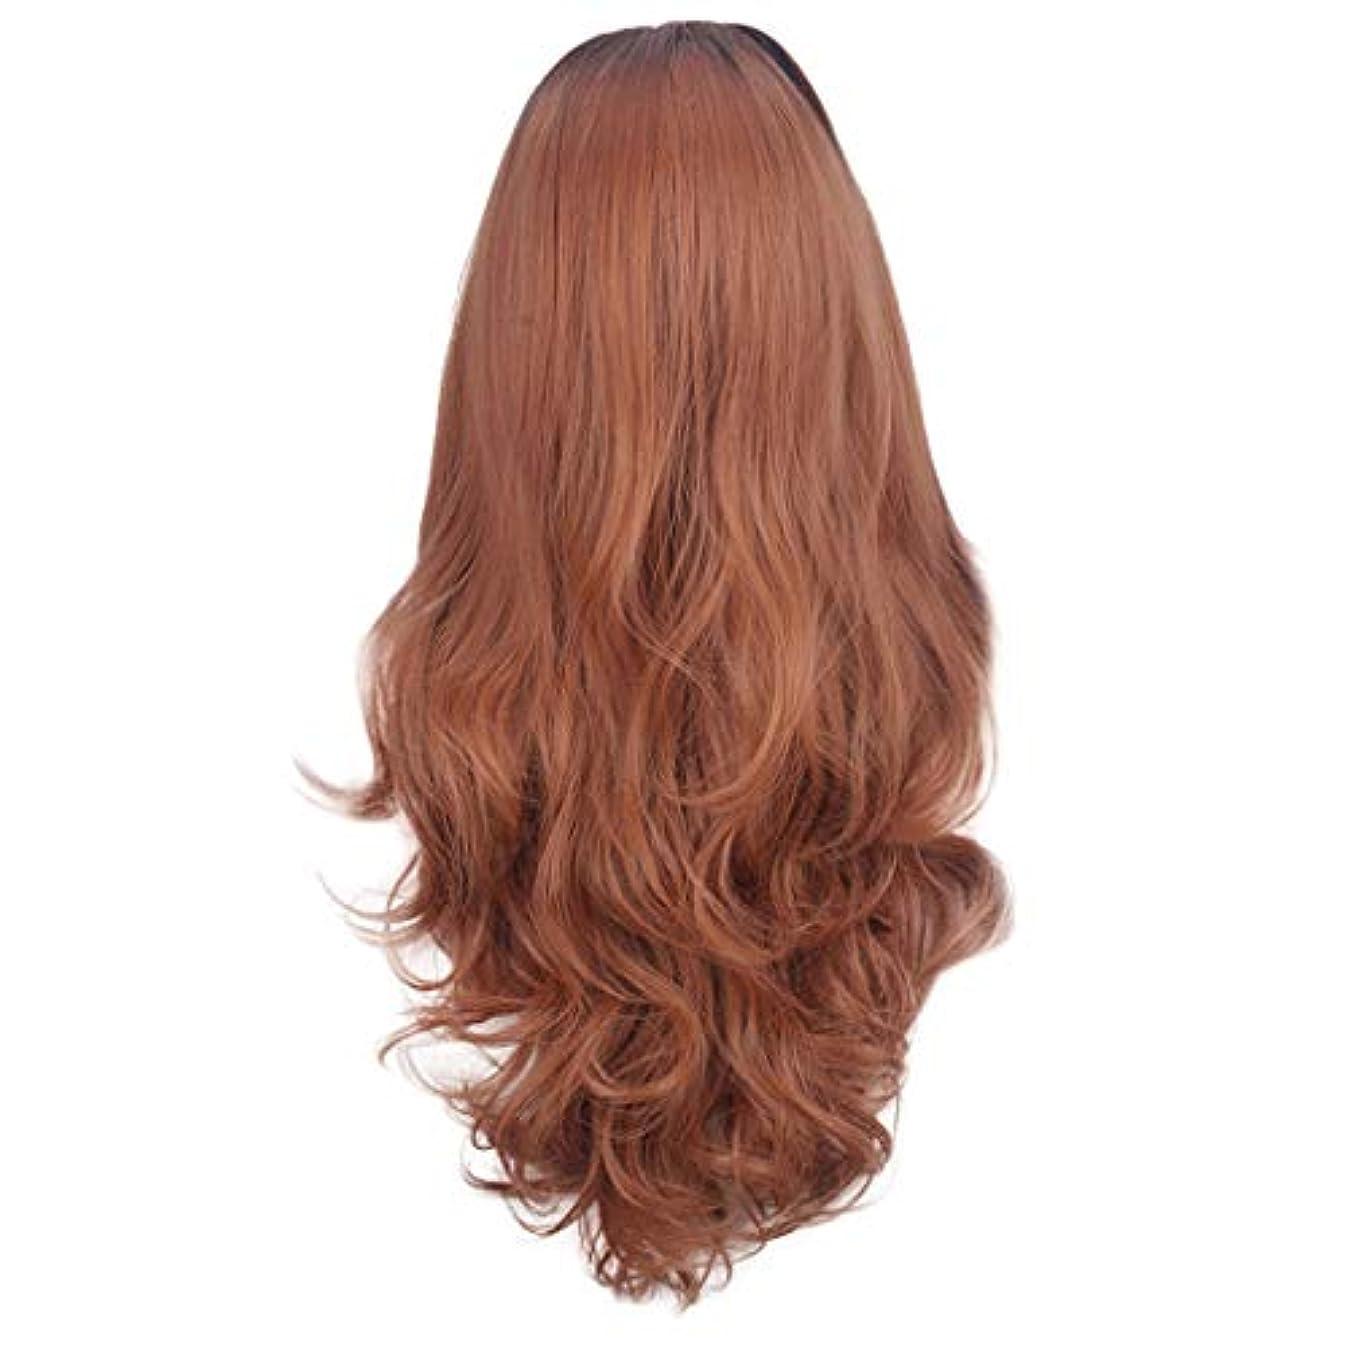 ロゴルネッサンスドア茶色の女性のかつらの長い巻き毛のフロントレースかつら80CM